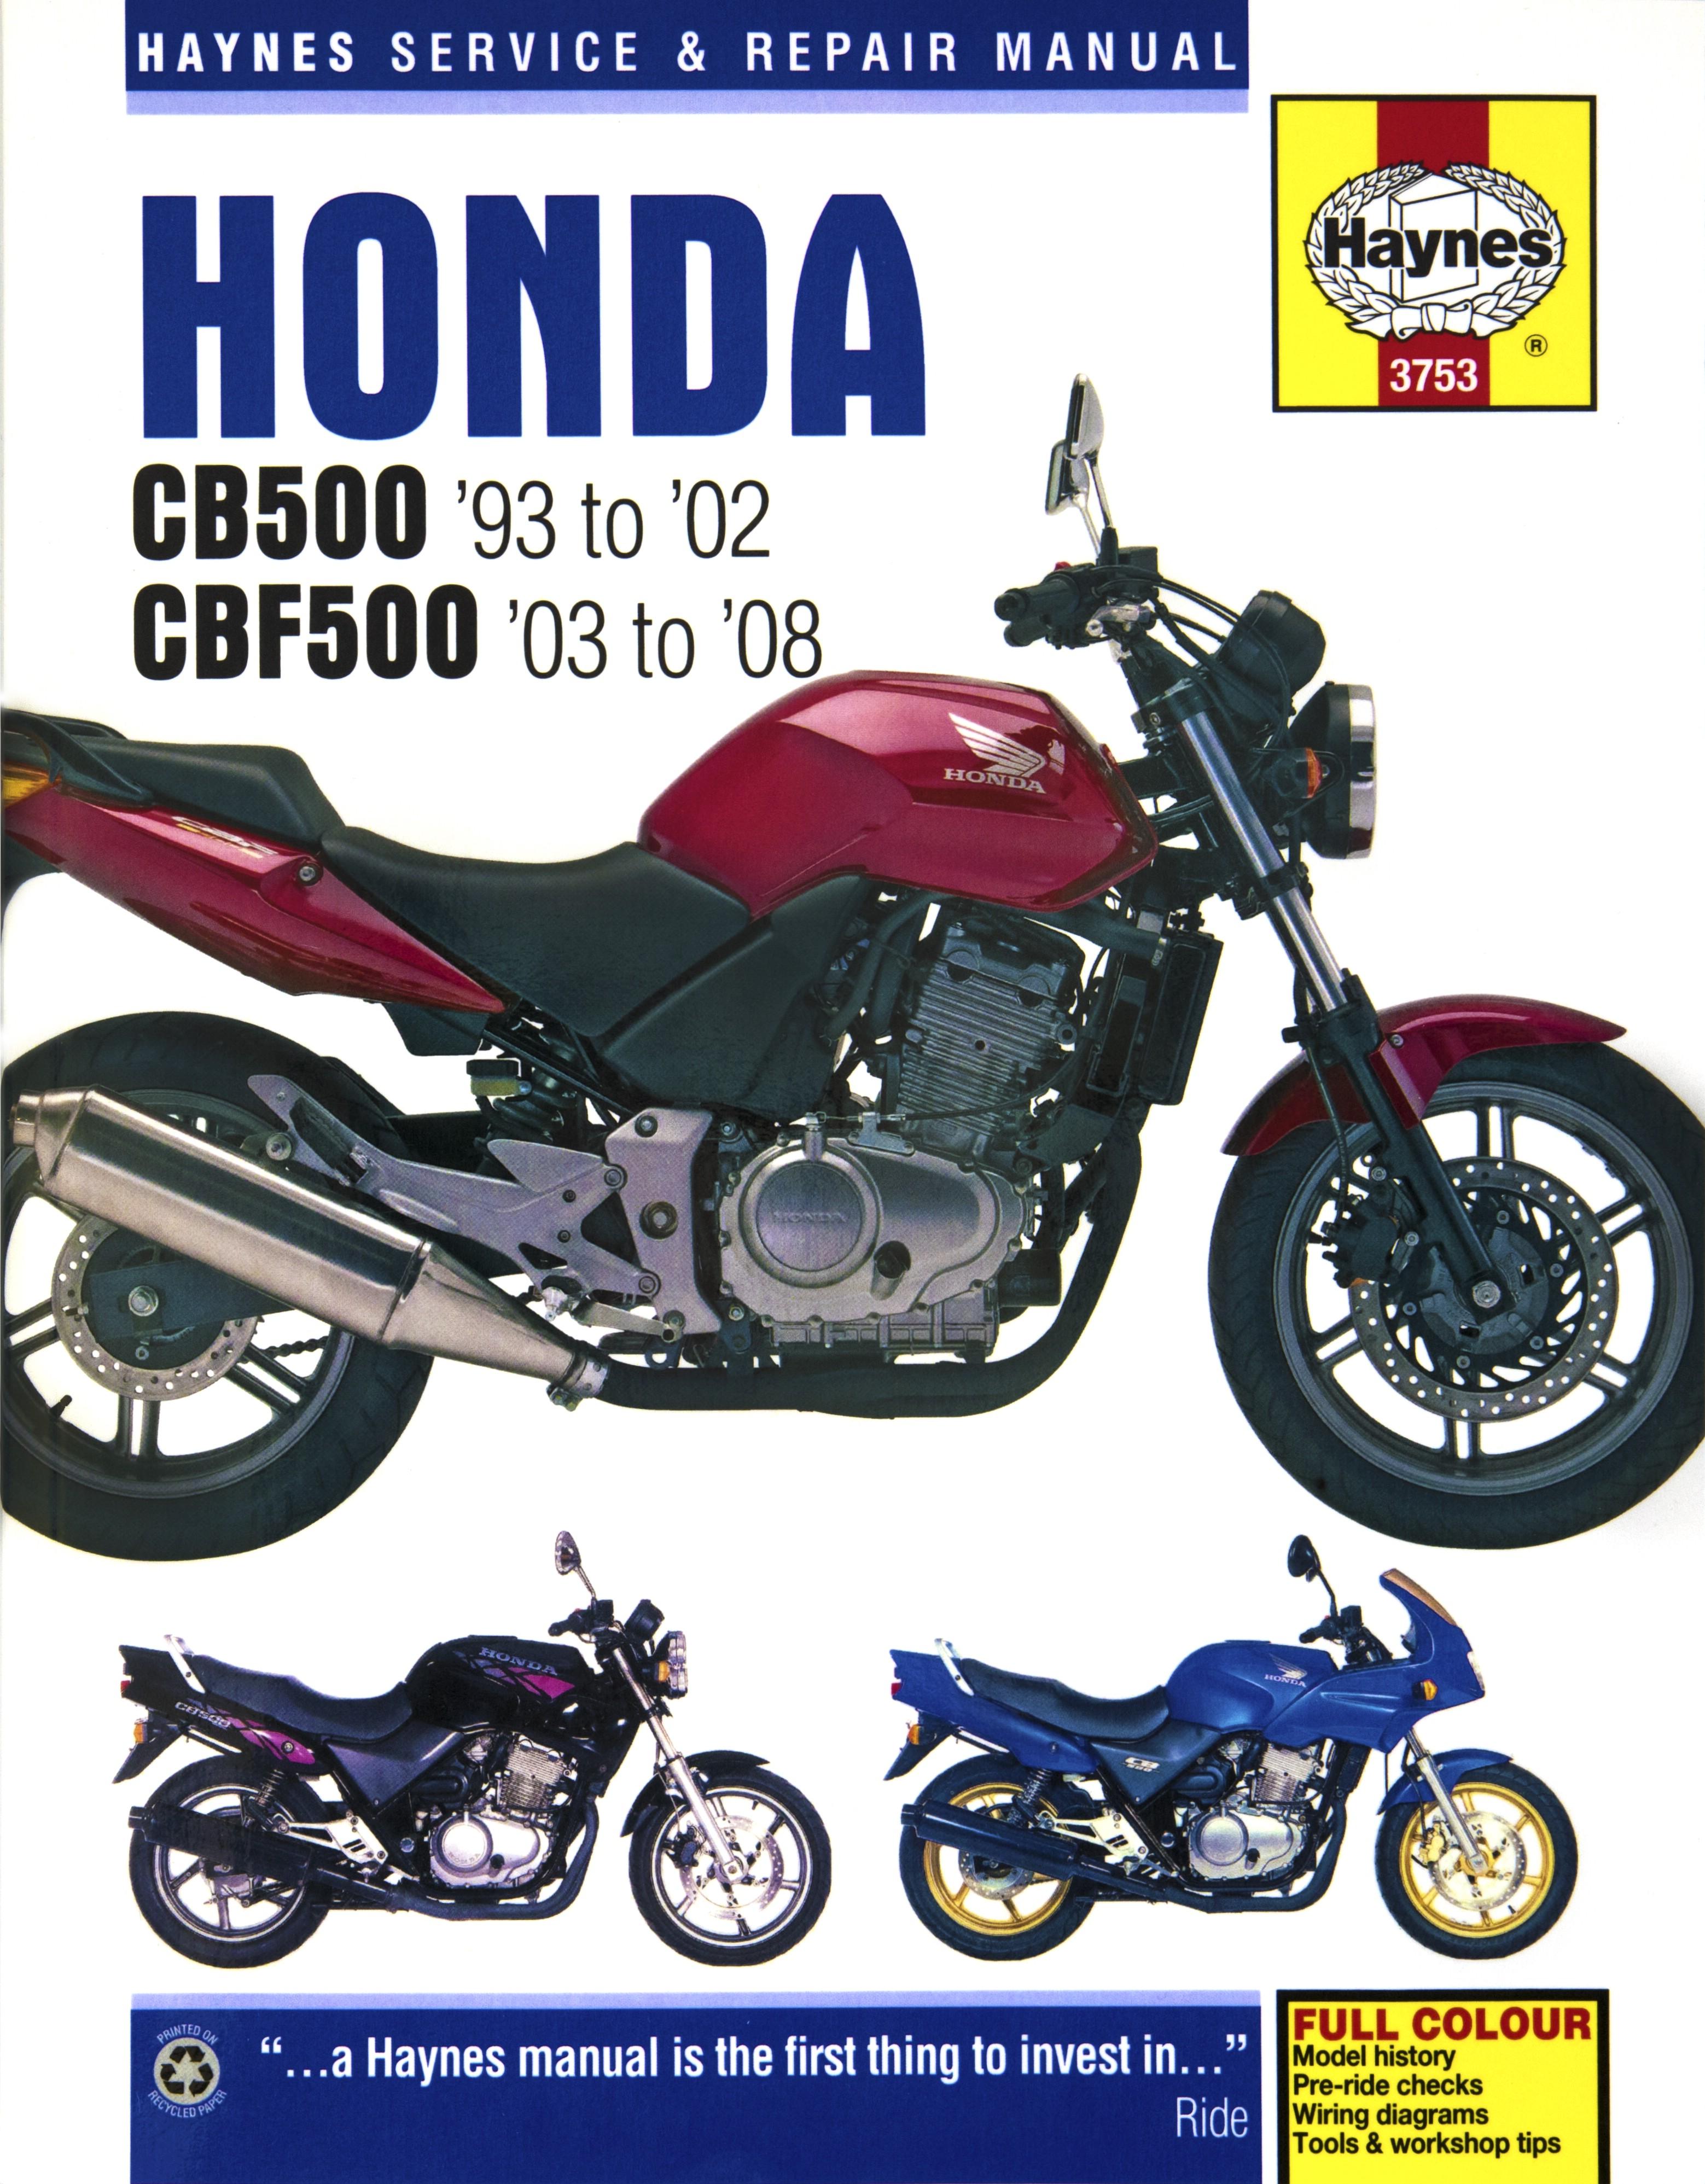 fits honda cb 500 s twin 499cc uk 1998 2002 manuals haynes rh ebay co uk honda manuals honda manuals motorcycle